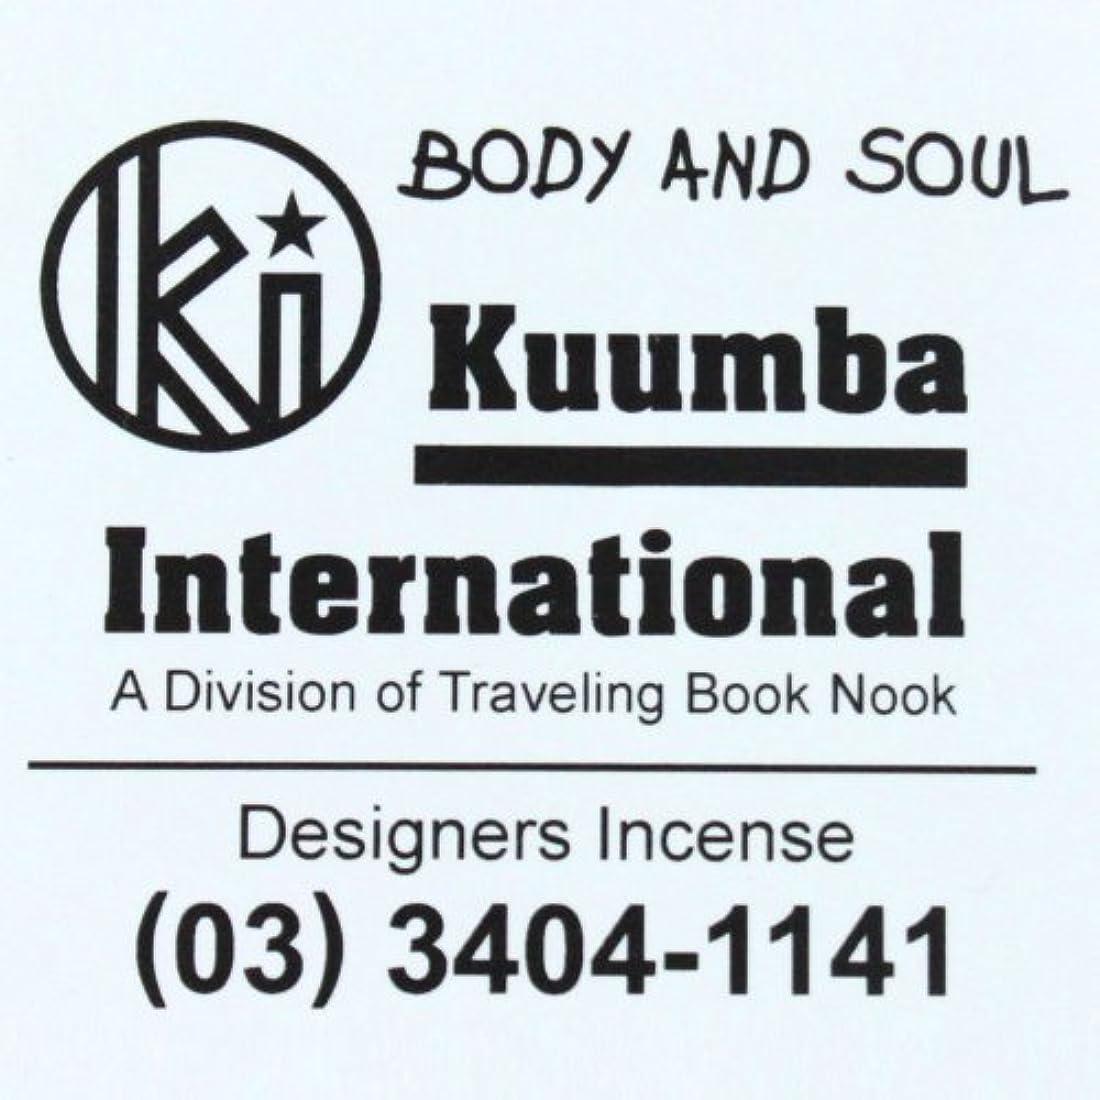 ハブ値下げ飢饉KUUMBA (クンバ)『incense』(BODY AND SOUL) (Regular size)